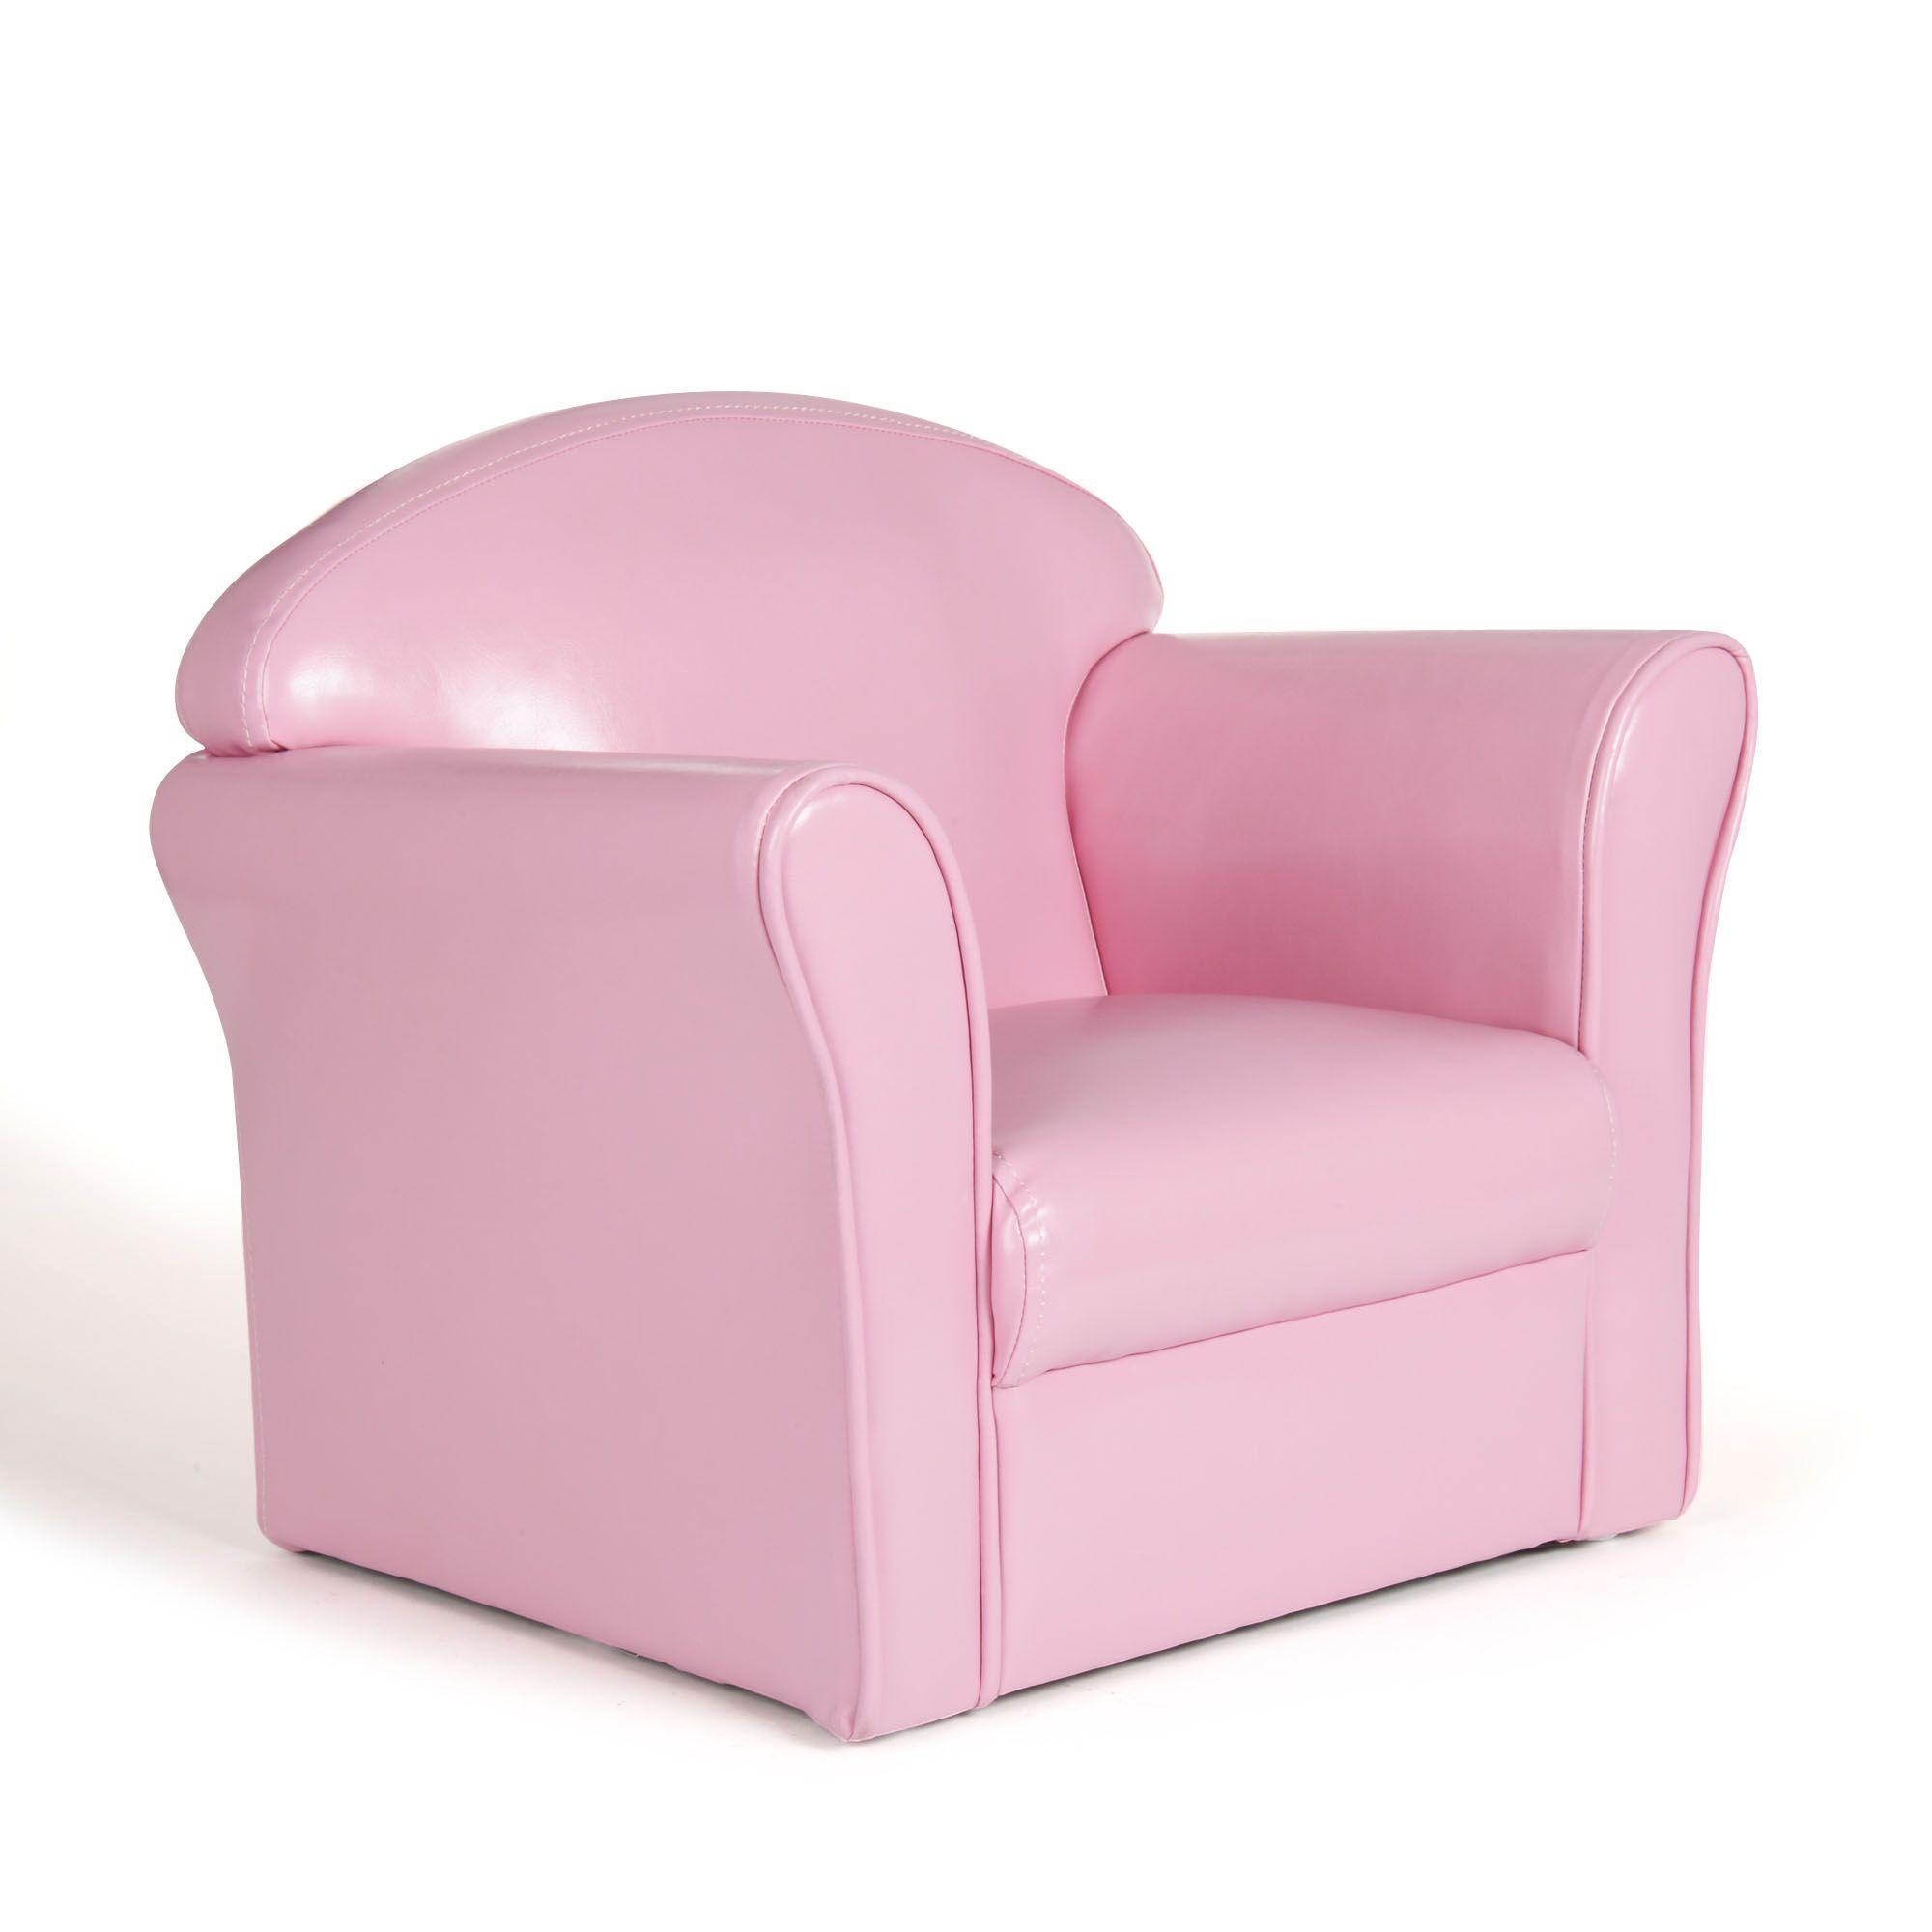 fauteuil club enfant rose p le clubby les chaises et fauteuils enfants meubles d 39 enfant et. Black Bedroom Furniture Sets. Home Design Ideas